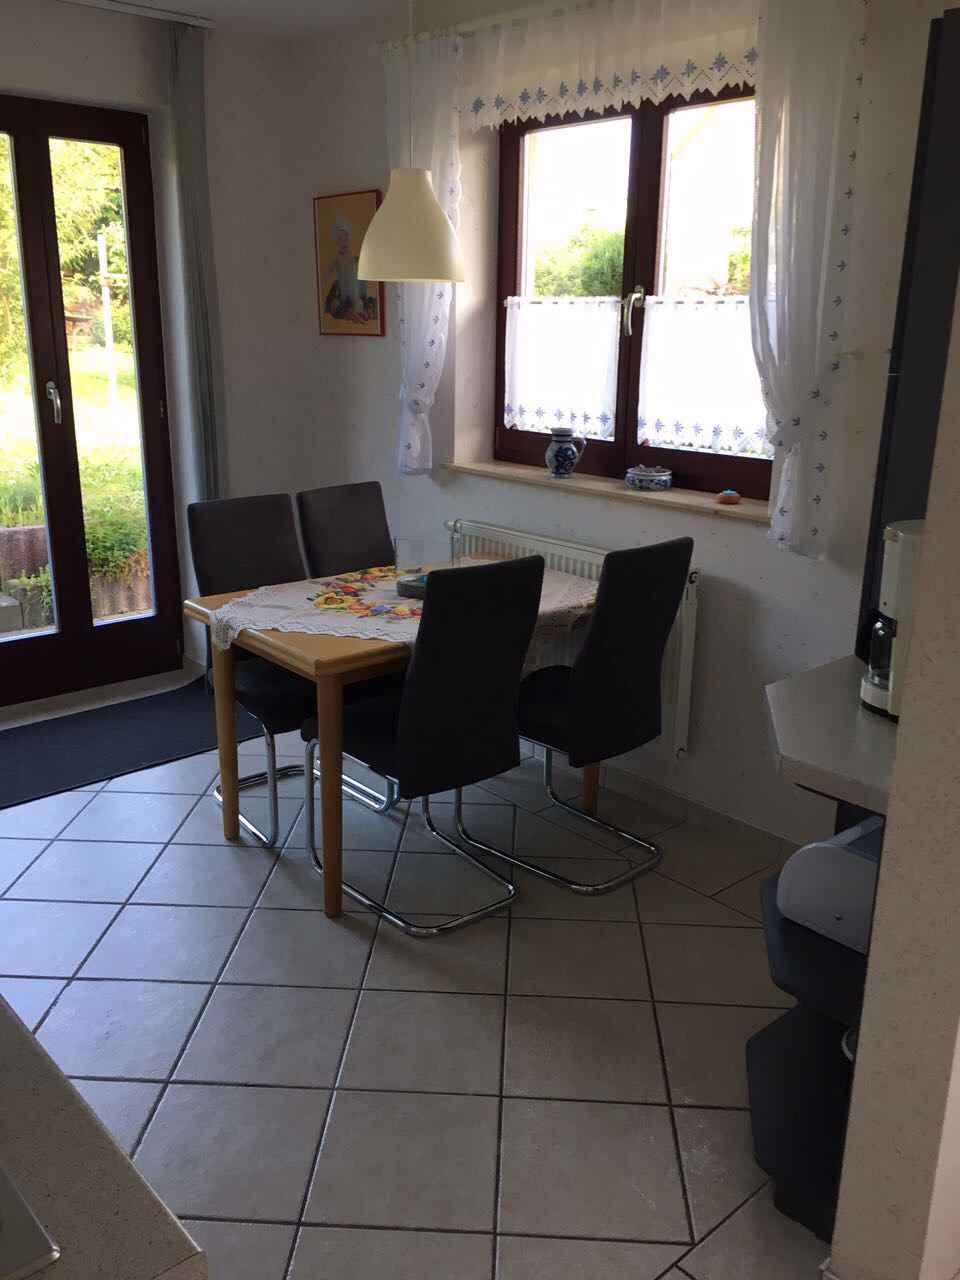 Ferienhaus Bungalow Ferienhaus mit Terrasse und Garten (358672), Bergen (Rügen), Rügen, Mecklenburg-Vorpommern, Deutschland, Bild 14